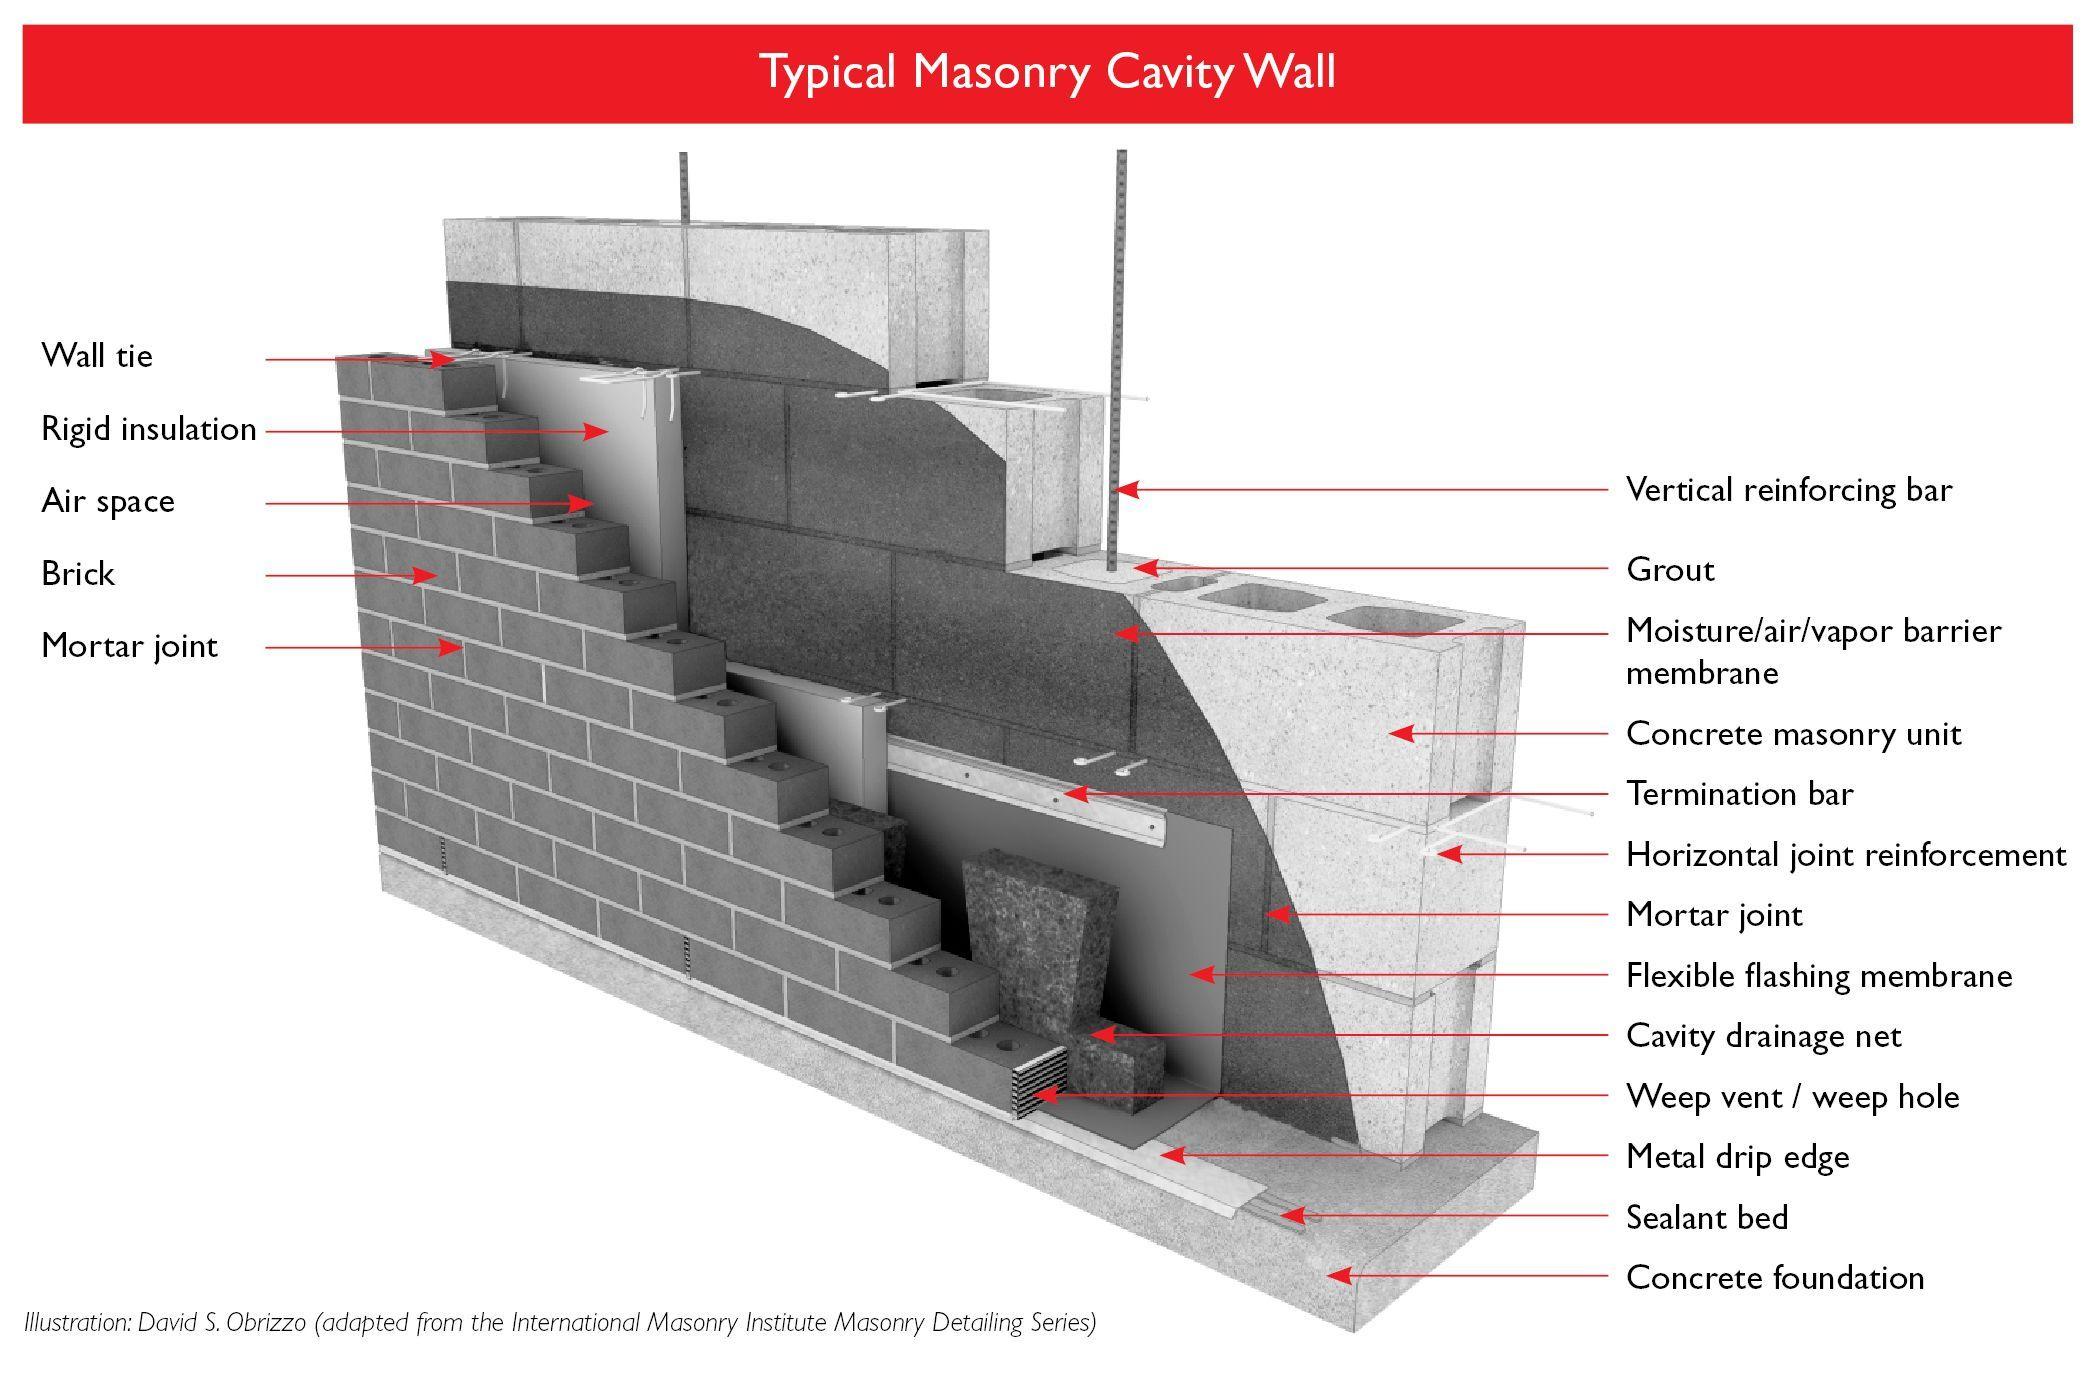 Typical Masonry Cavity Wall Illustration From The Hoffmann Architects Journal Cavity Wall Concrete Masonry Unit Masonry Construction